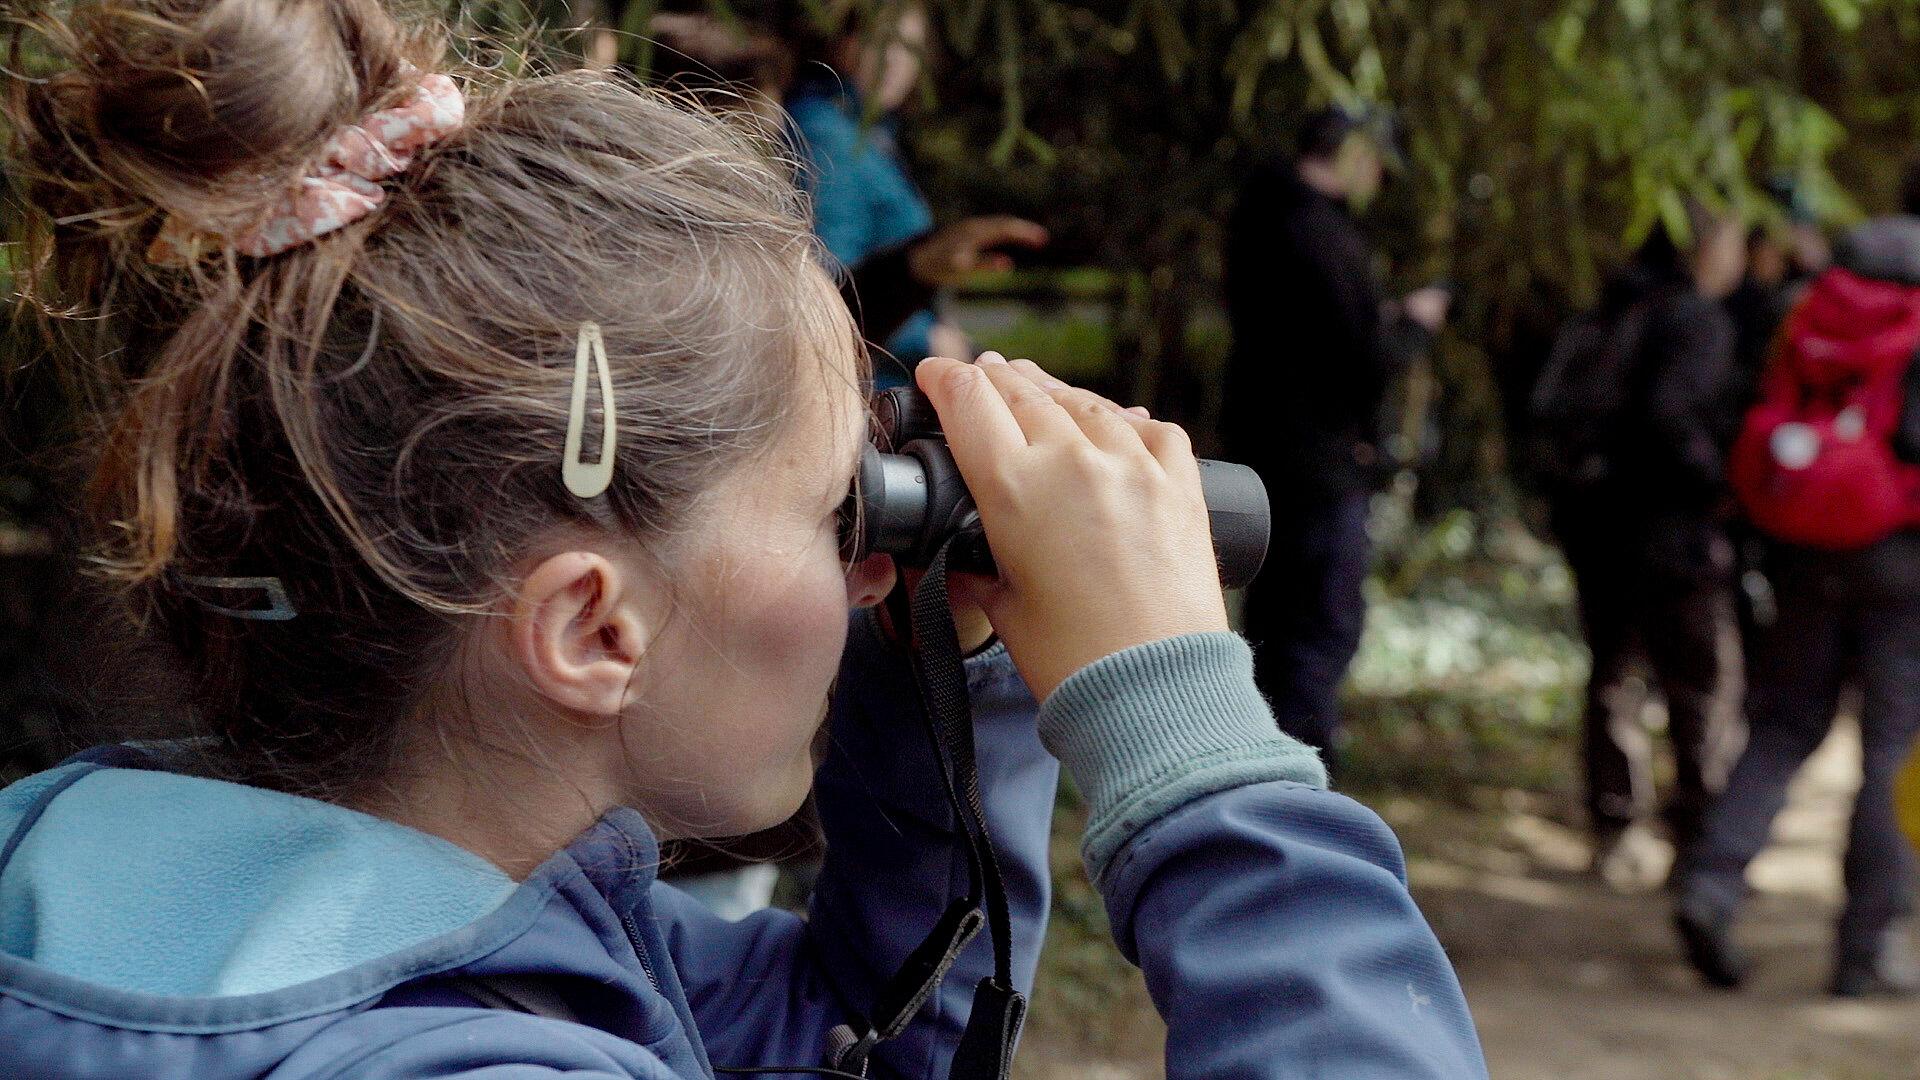 Kijken doorheen een Swarovski verrekijker